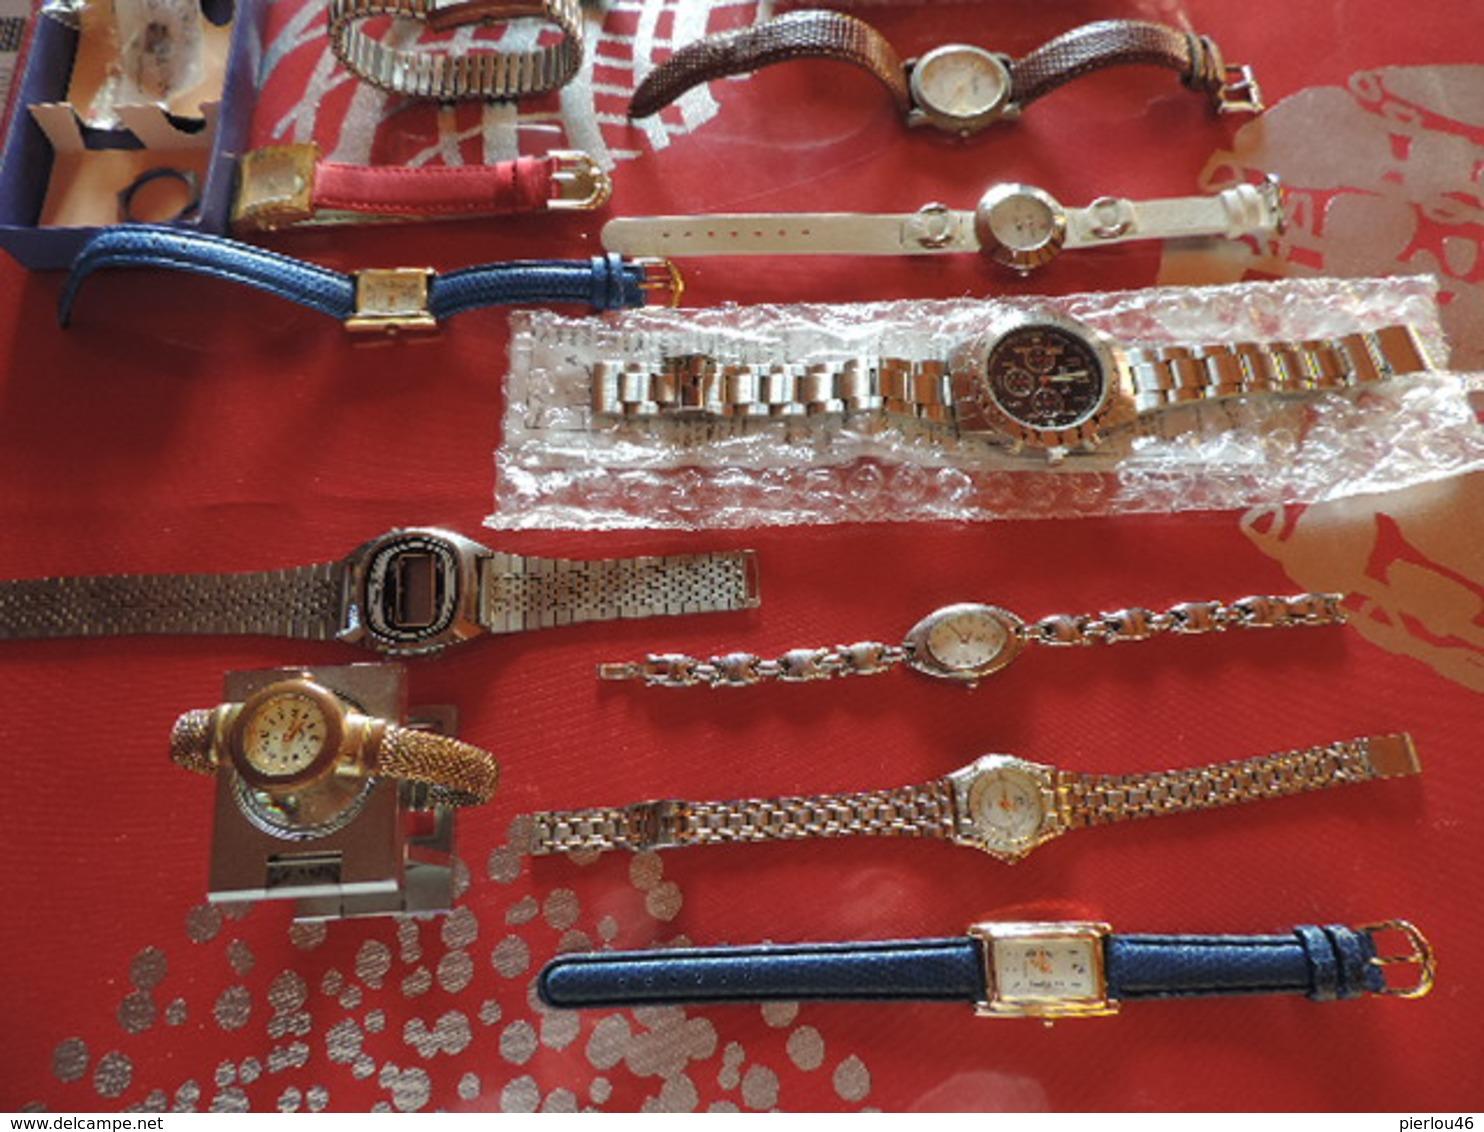 LOT DE 21 MONTRES NEUVES ET ANCIENNES - Bijoux & Horlogerie